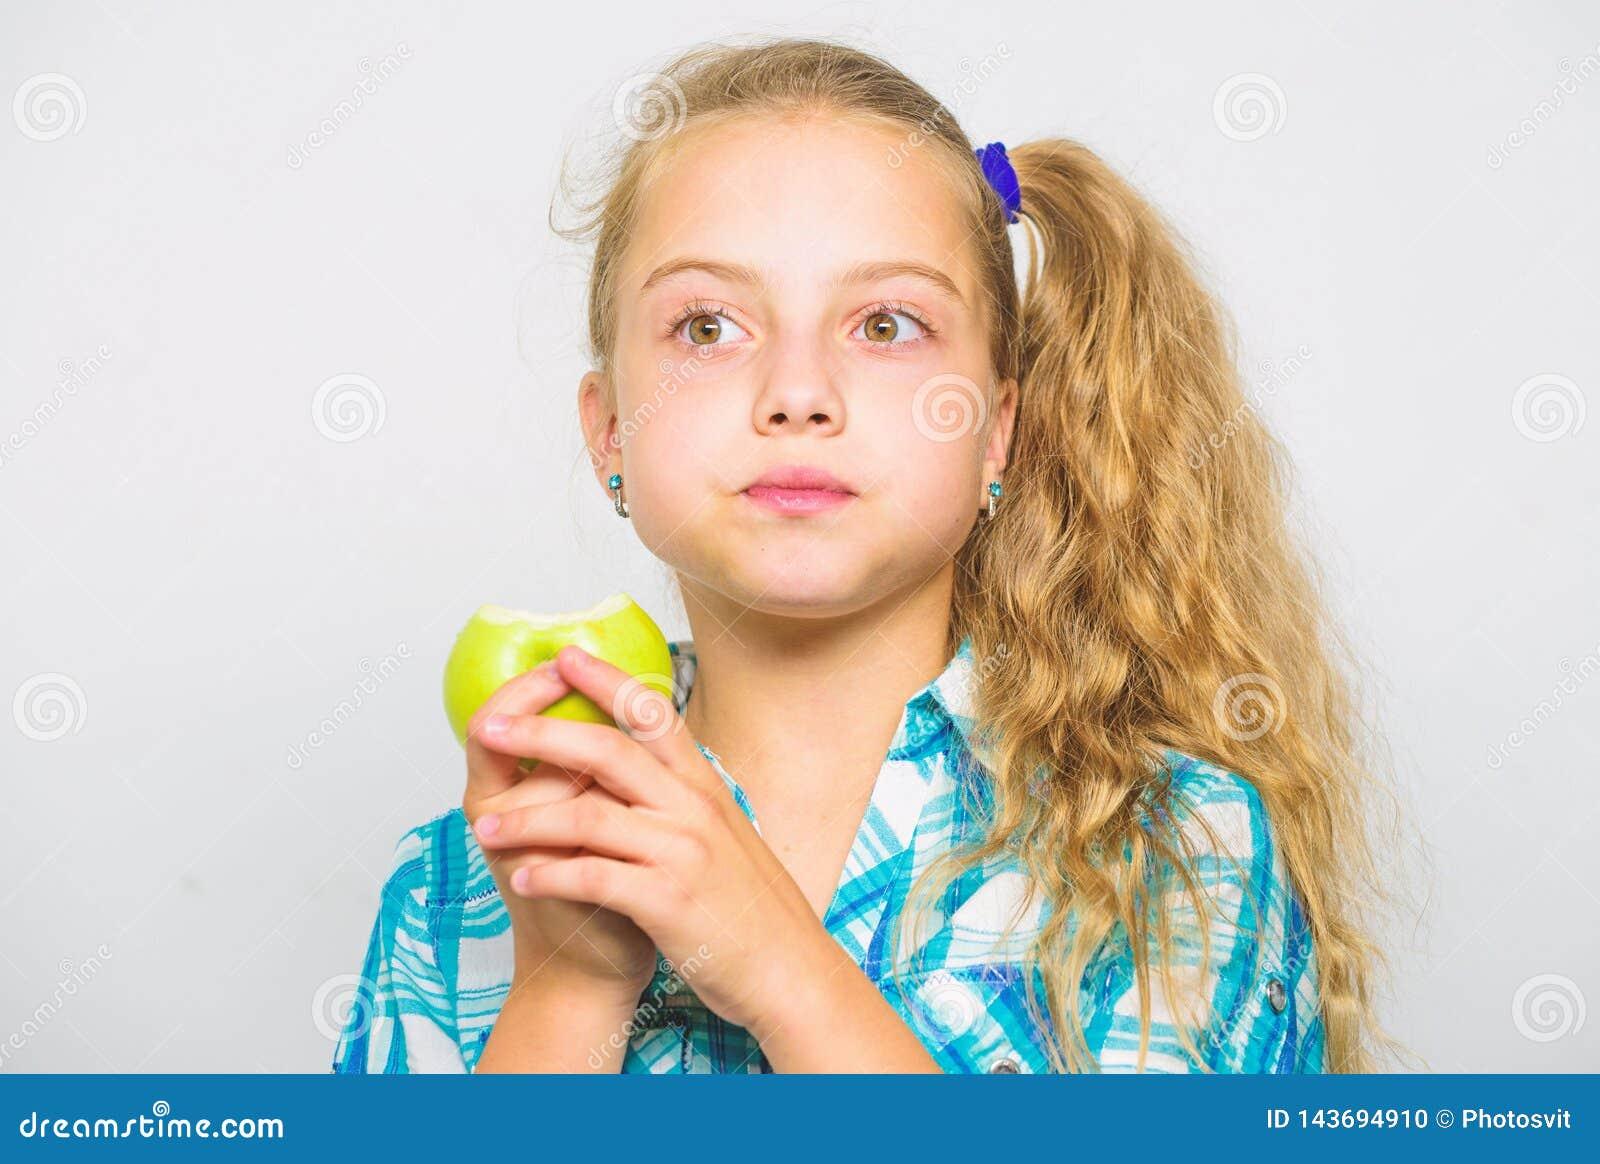 Яблоко день держит доктора отсутствующий Хорошее питание необходимо к хорошим здоровьям Девушка ребенк ест зеленый плодоовощ ябло